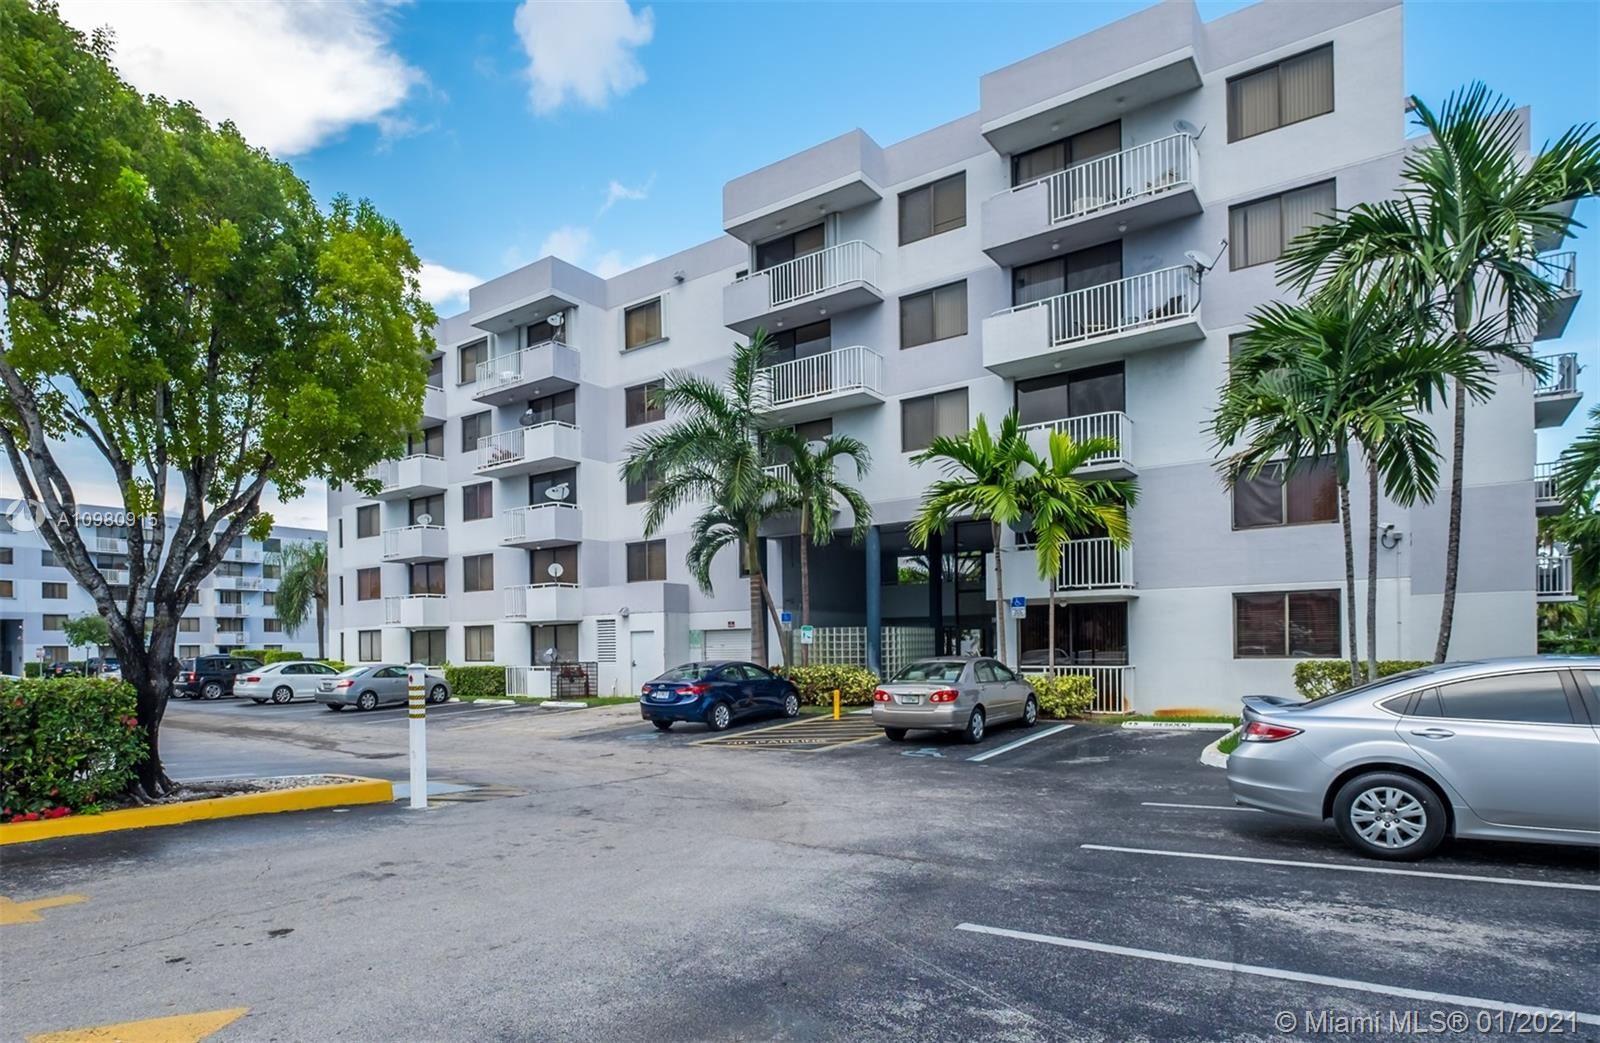 8251 NW 8th St #303, Miami, FL 33126 - #: A10980915